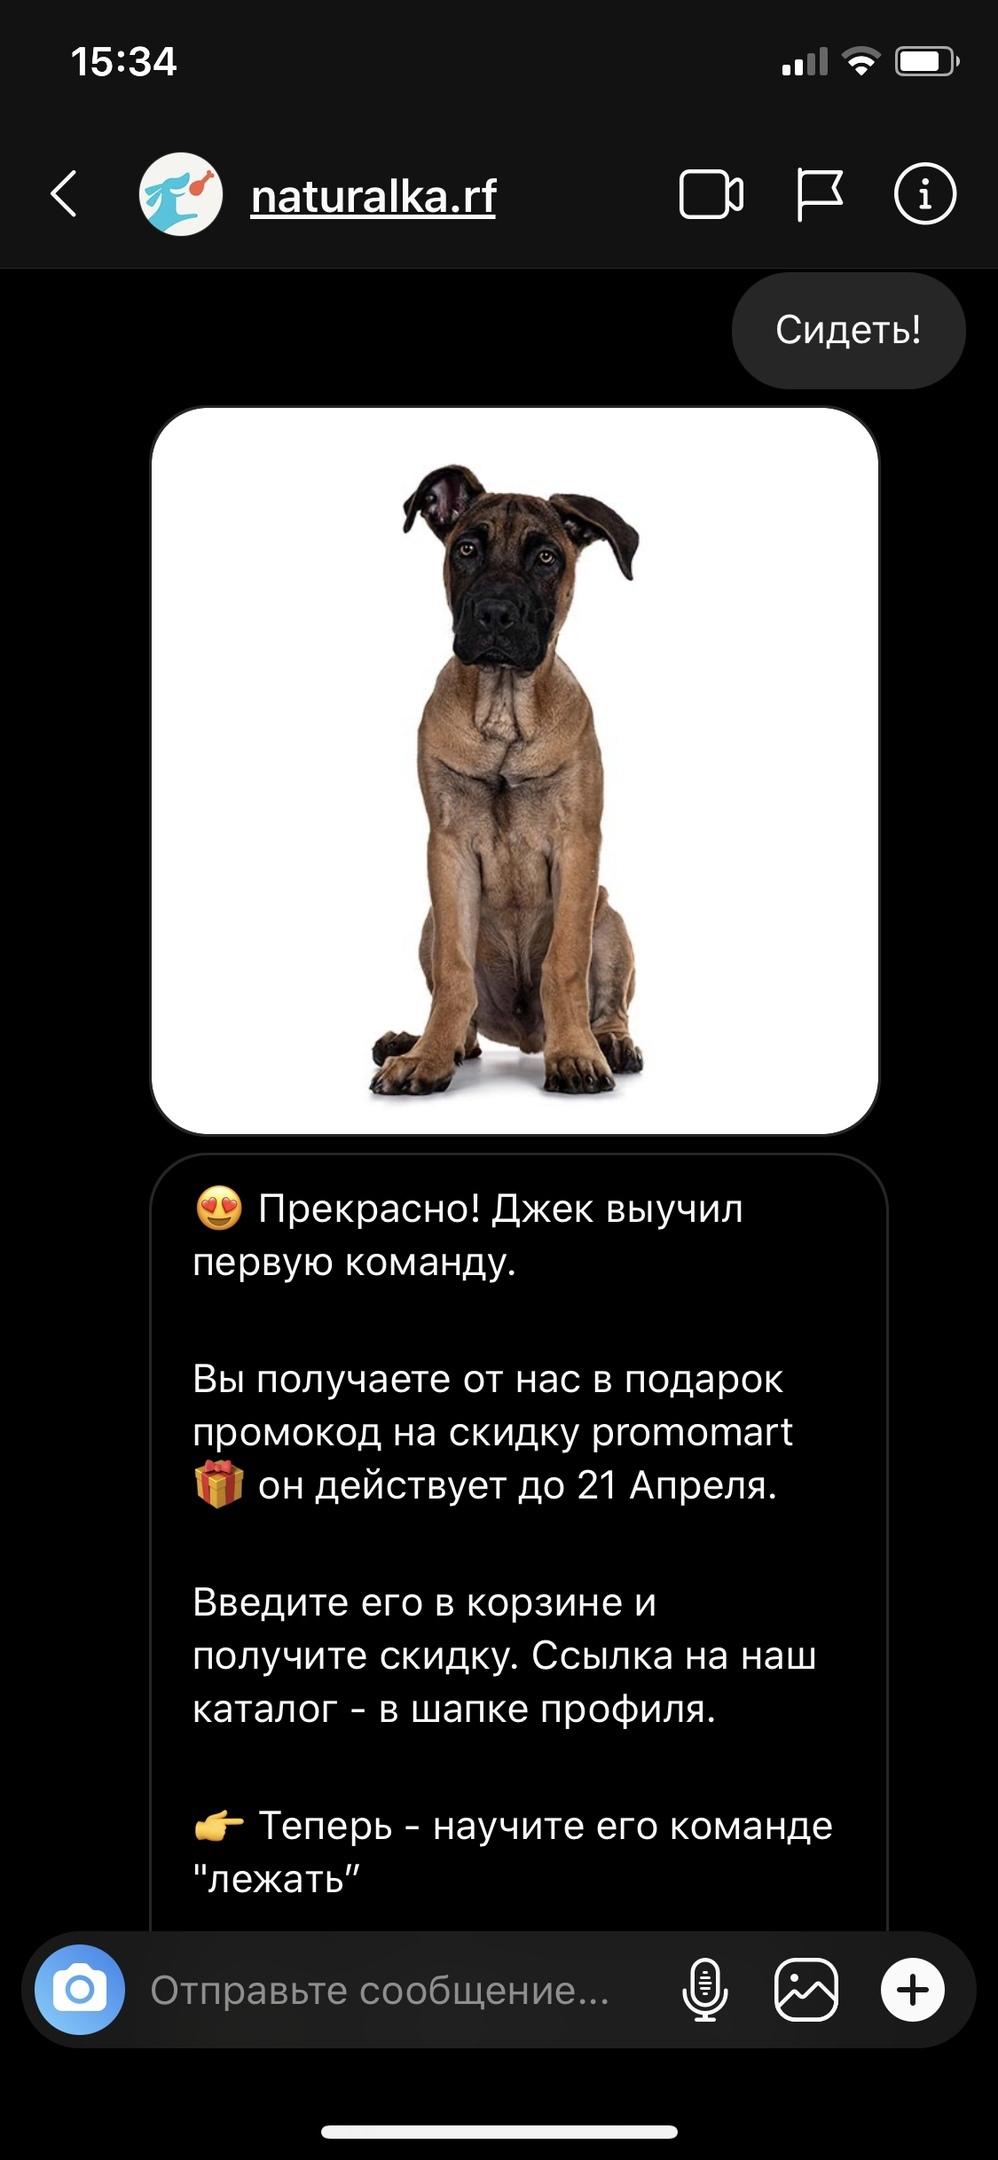 1300 продаж и 1500 подписчиков для интернет-магазина зоотоваров в Instagram, изображение №43